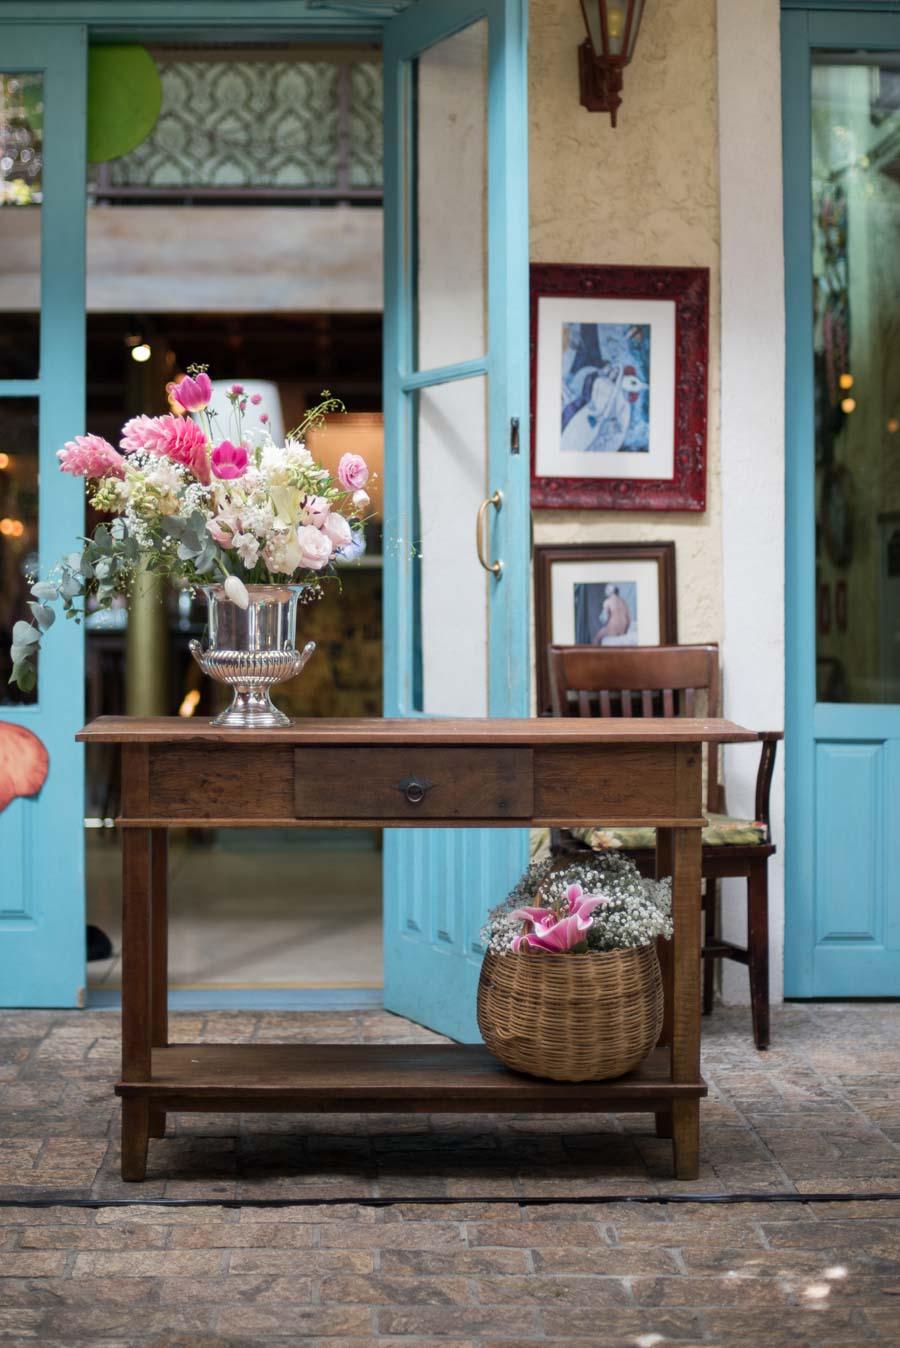 """Foto: Reprodução / <a href=""""http://brides.inspireblog.com.br/mini-wedding-em-restaurante-charmoso/"""" target=""""_blank"""">Inspire blog</a>"""